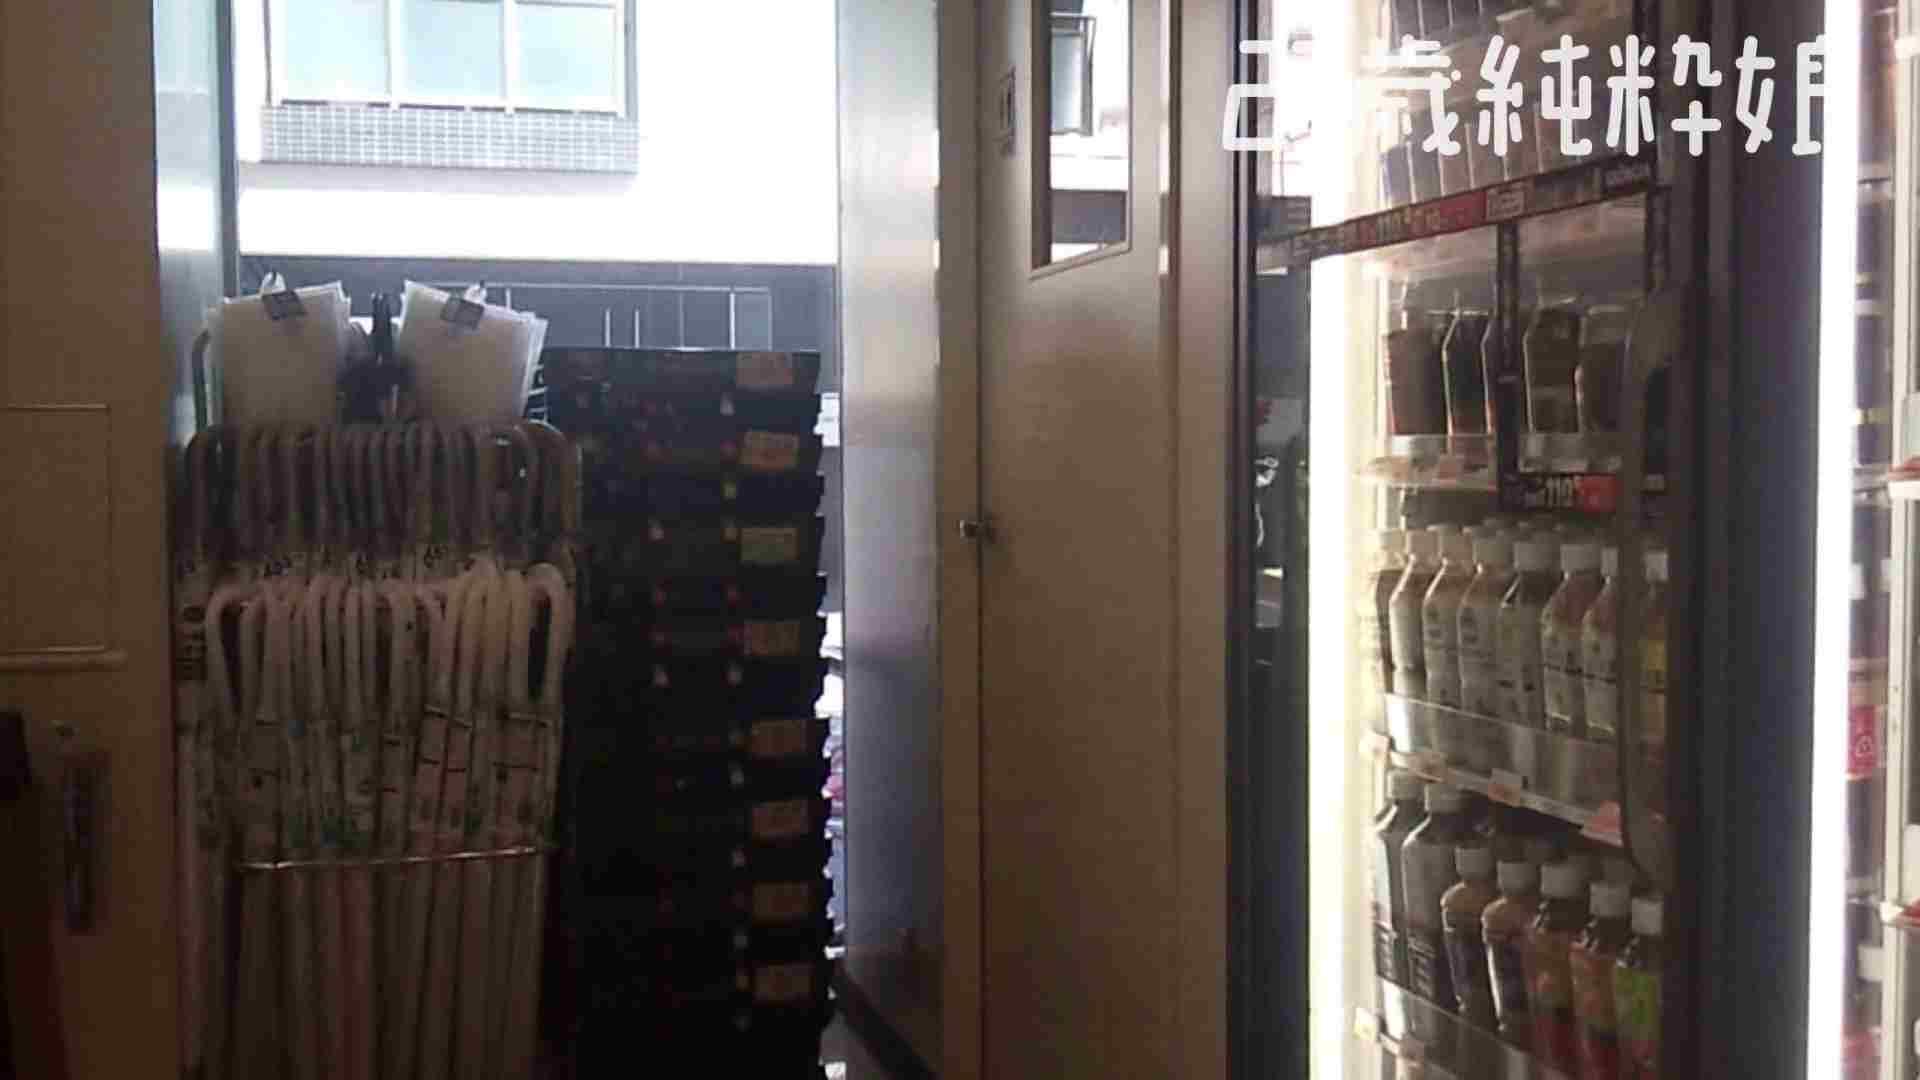 Gカップ21歳純粋嬢第2弾Vol.5 学校 | 性欲  108連発 106